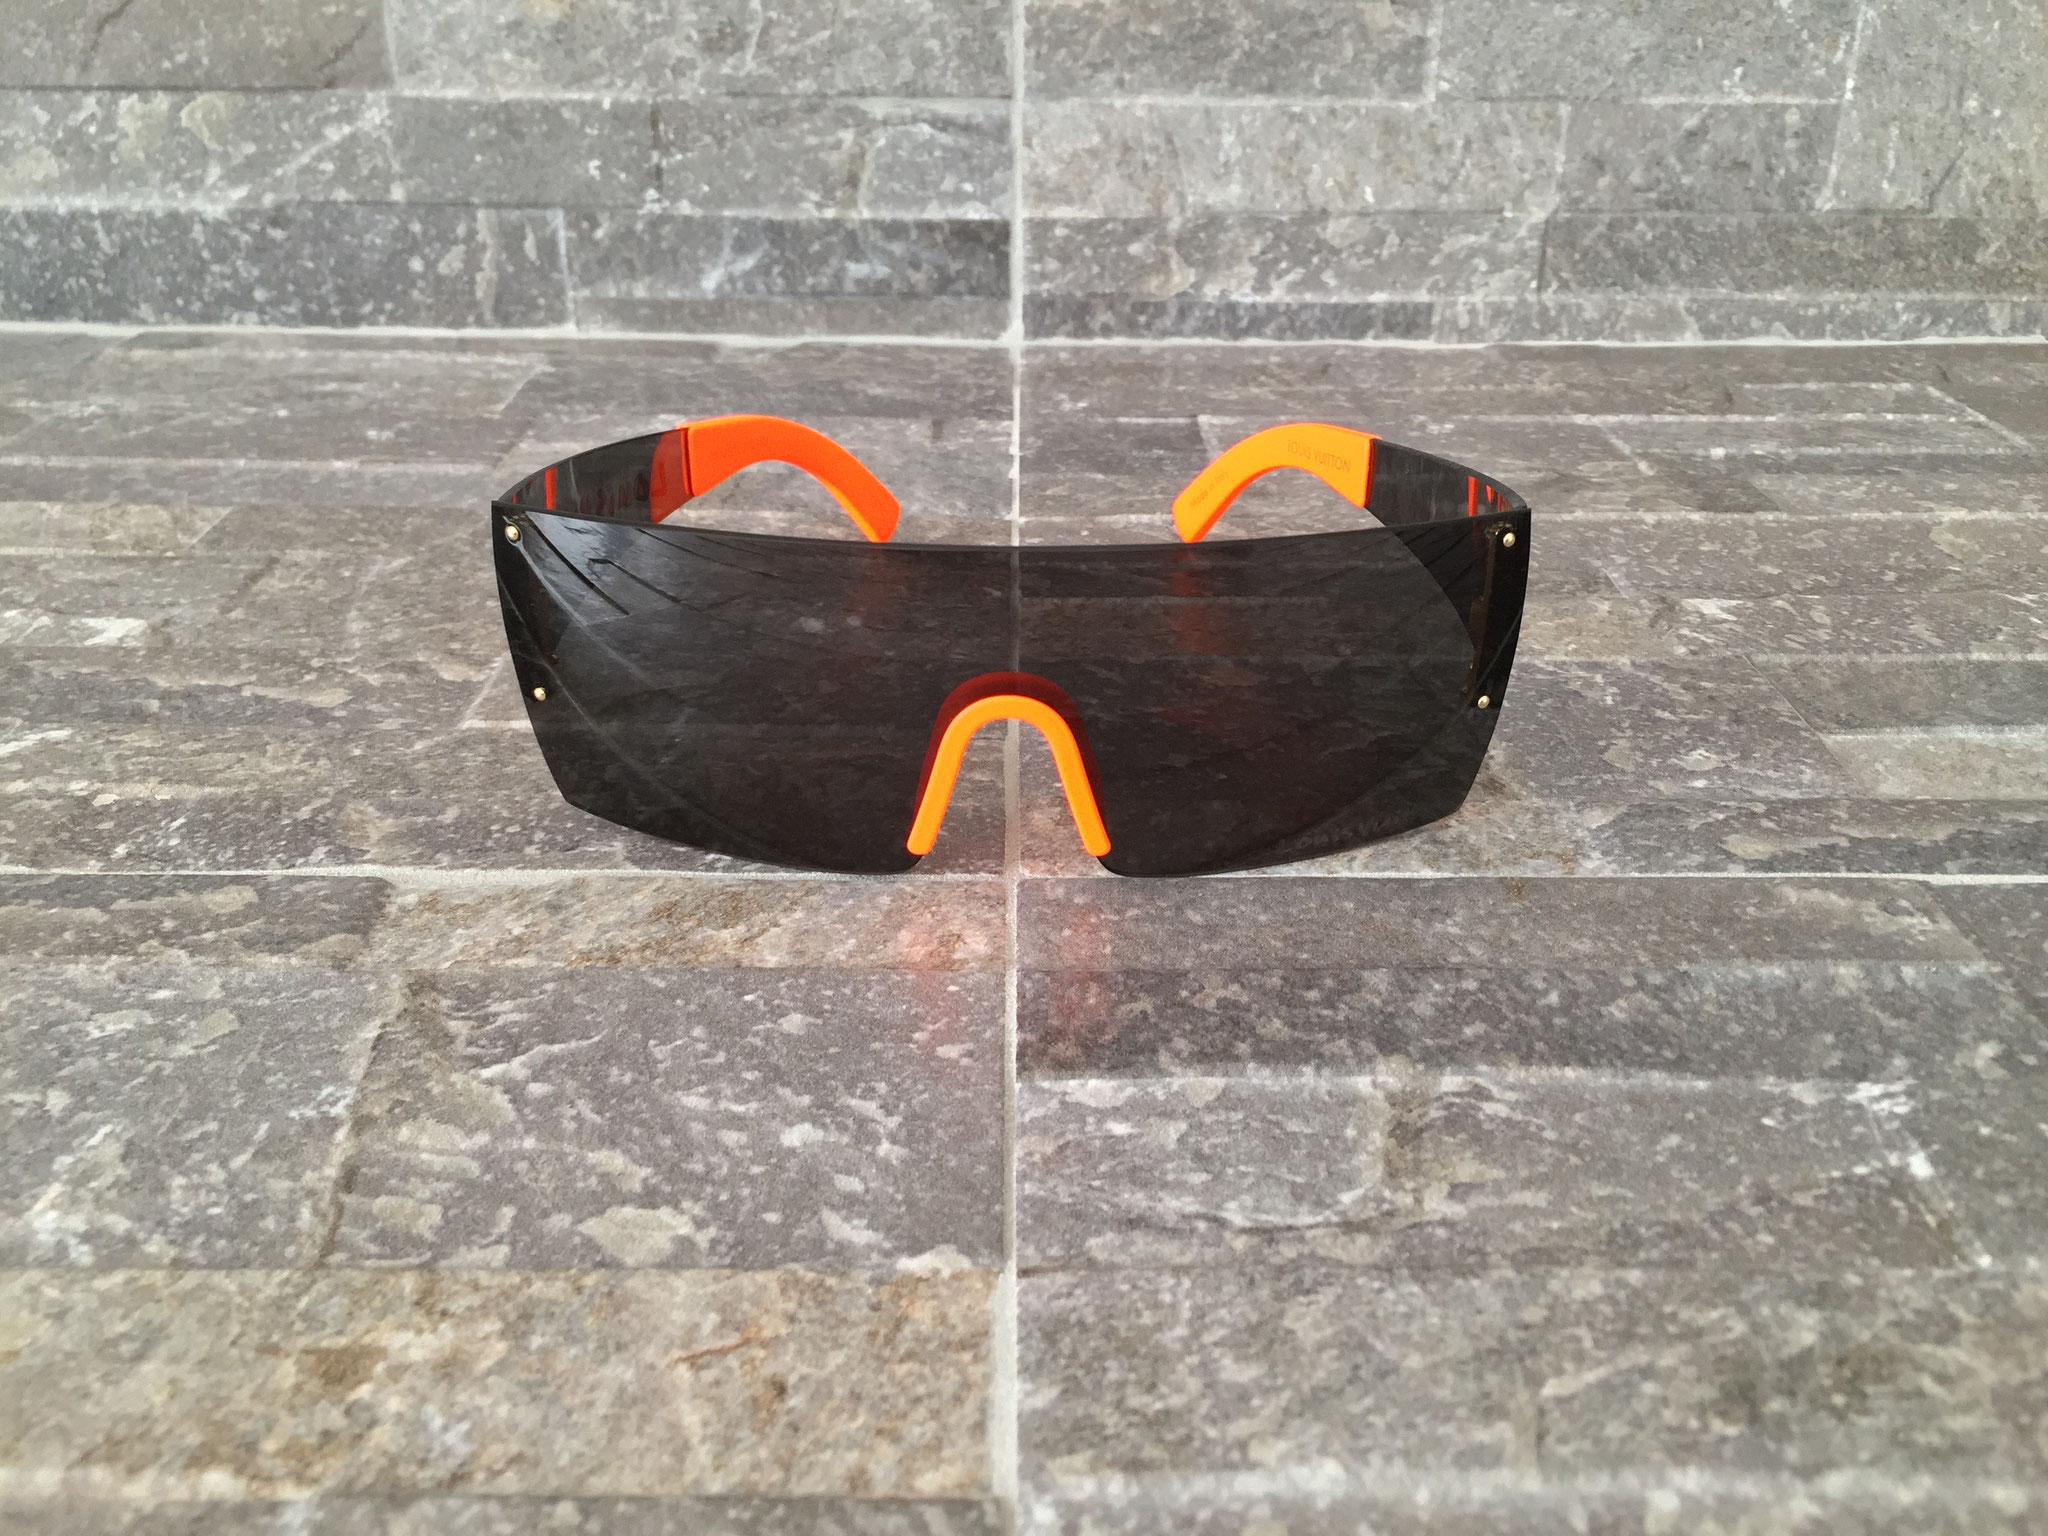 2165d752767 Louis Vuitton Graffiti Frame Sonnenbrille in Orange - Ankauf   Verkauf  Second Hand Designertaschen und Accessoires